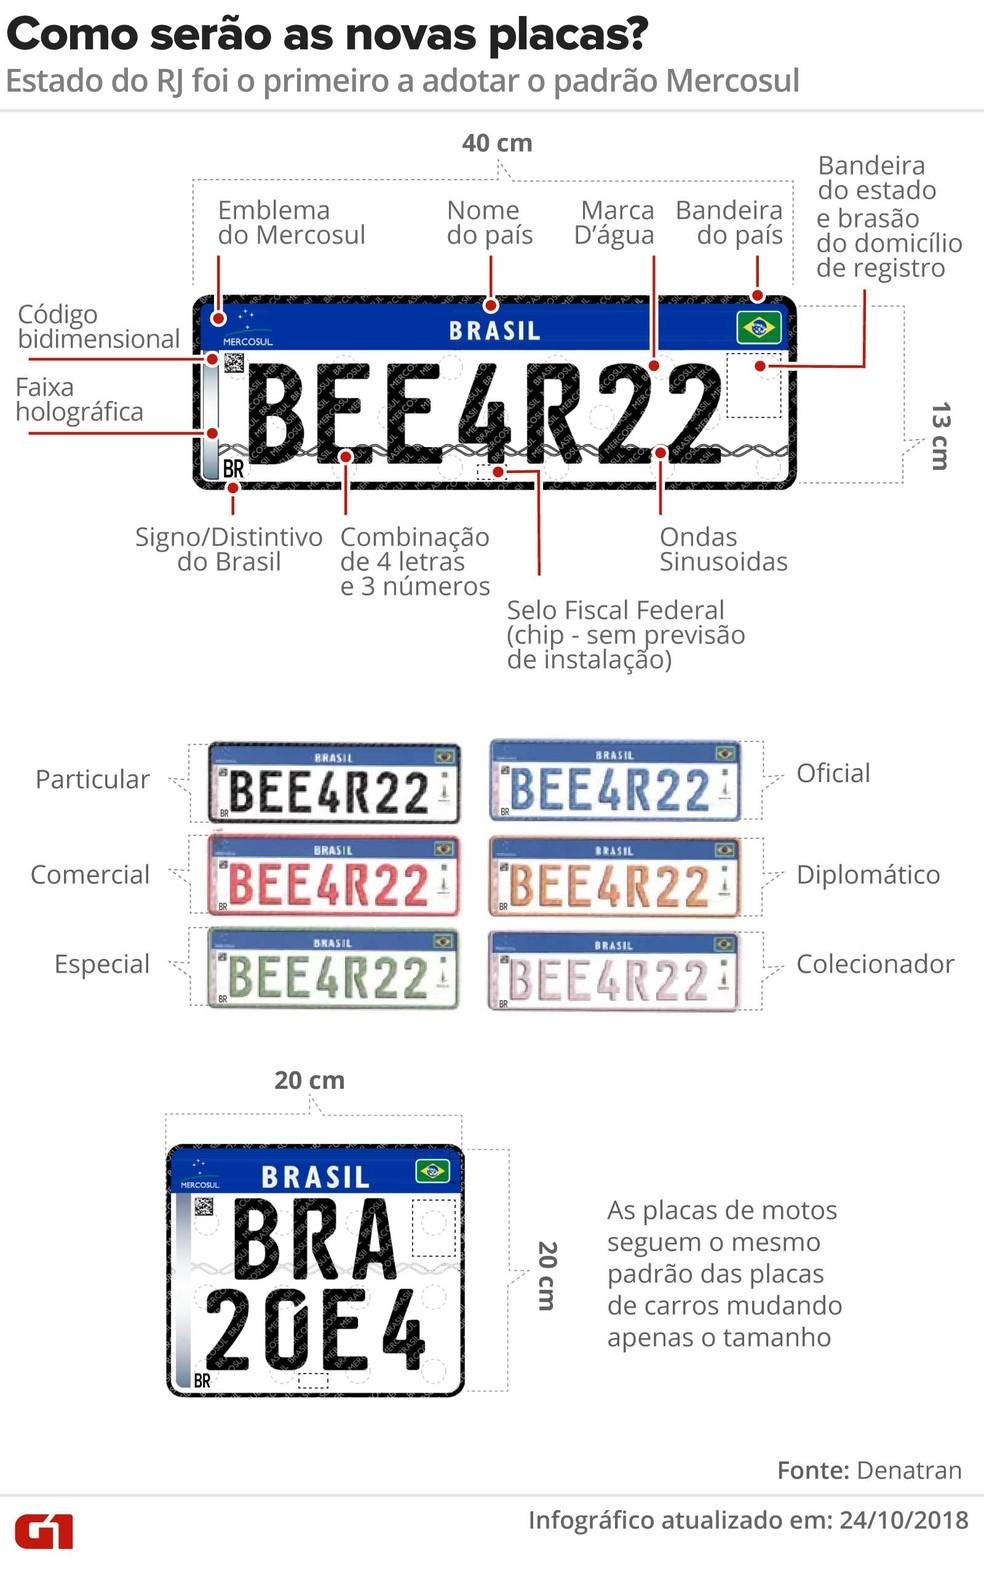 Entenda os detalhes do novo padrão de placas adotado no Mercosul — Foto: Karina Almeida/G1